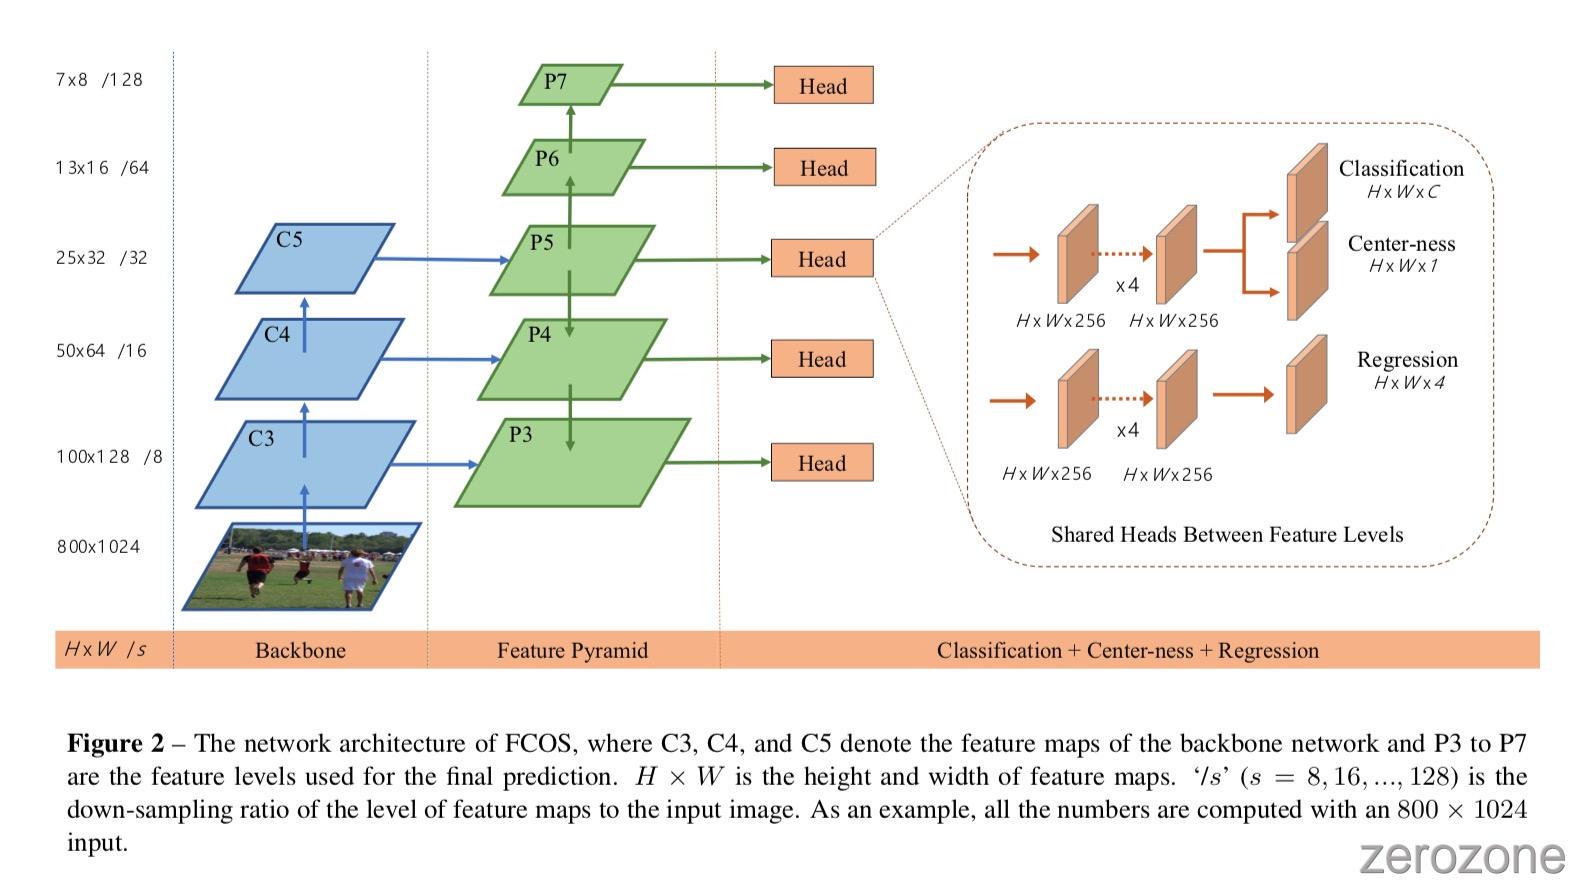 FCOS%2Ffig2.jpg